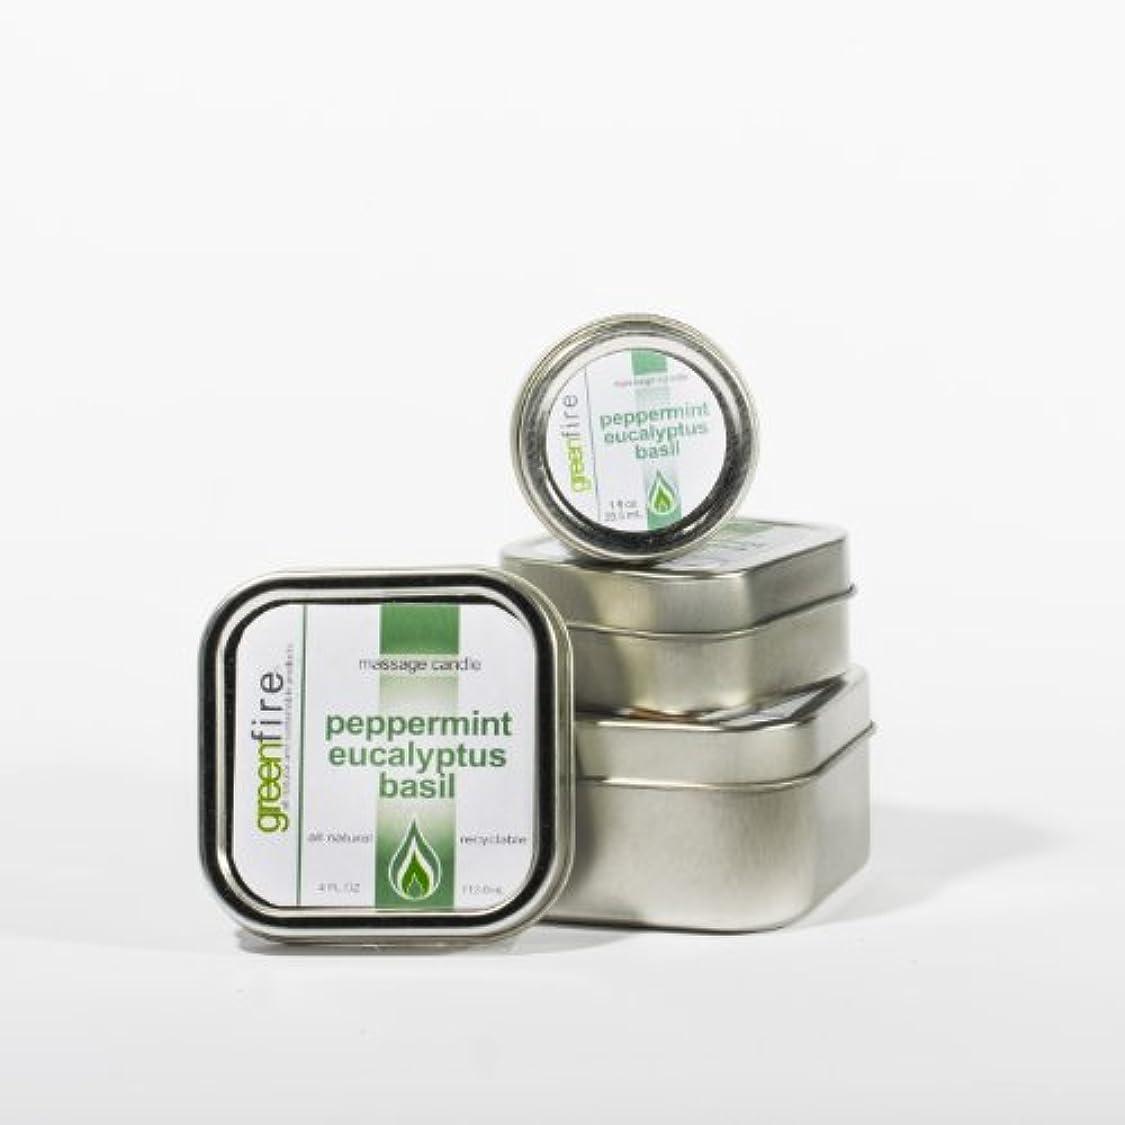 グリーンファイヤーマッサージキャンドル/3パック入り ペパーミント?ユーカリ?バジルの香り(サイズ:29.6mL、59.1mL、118.3mL)